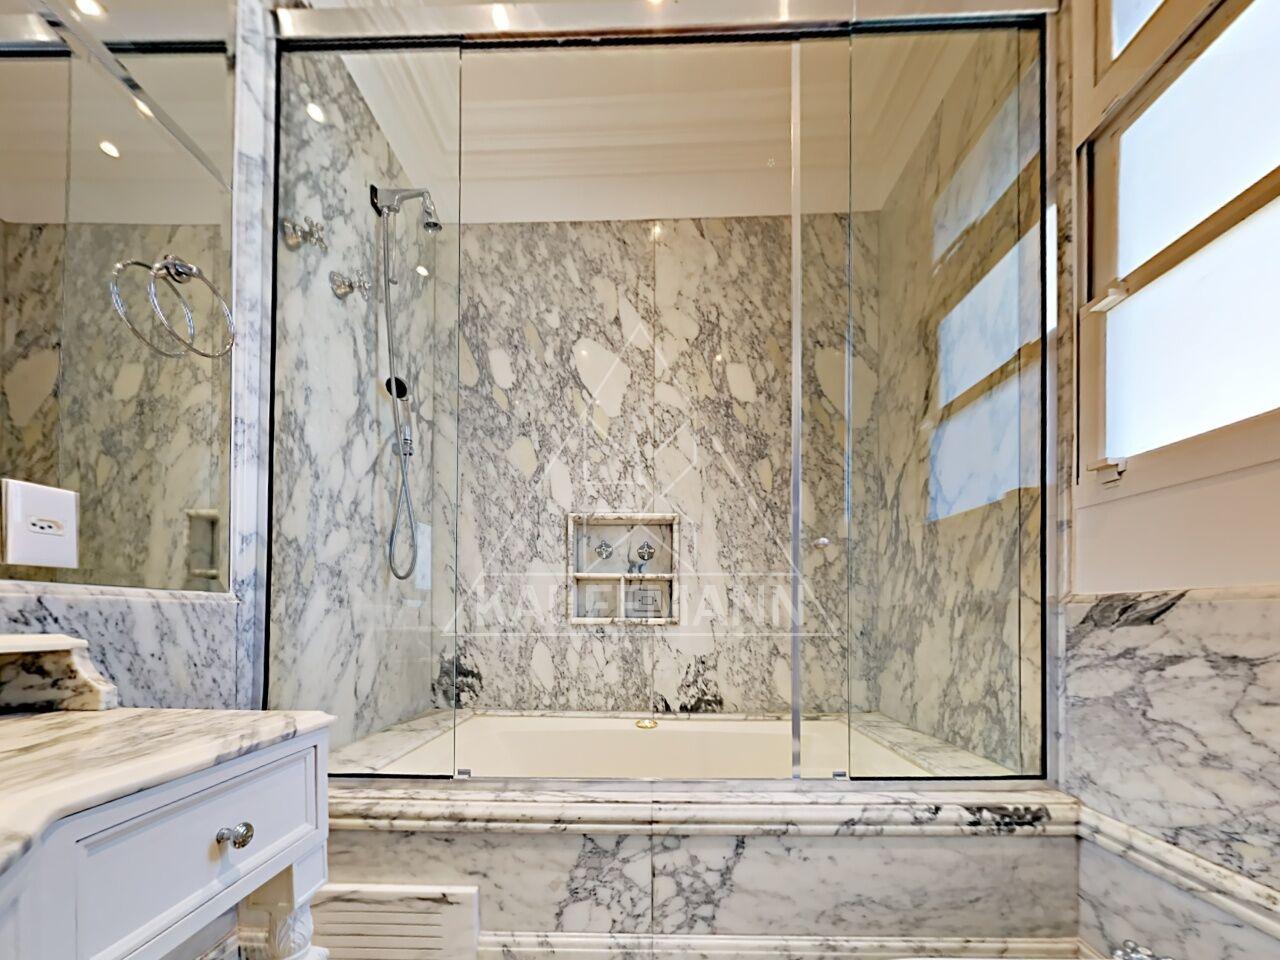 apartamento-venda-sao-paulo-jardim-america-regency-6dormitorios-6suites-7vagas-1099m2-Foto1